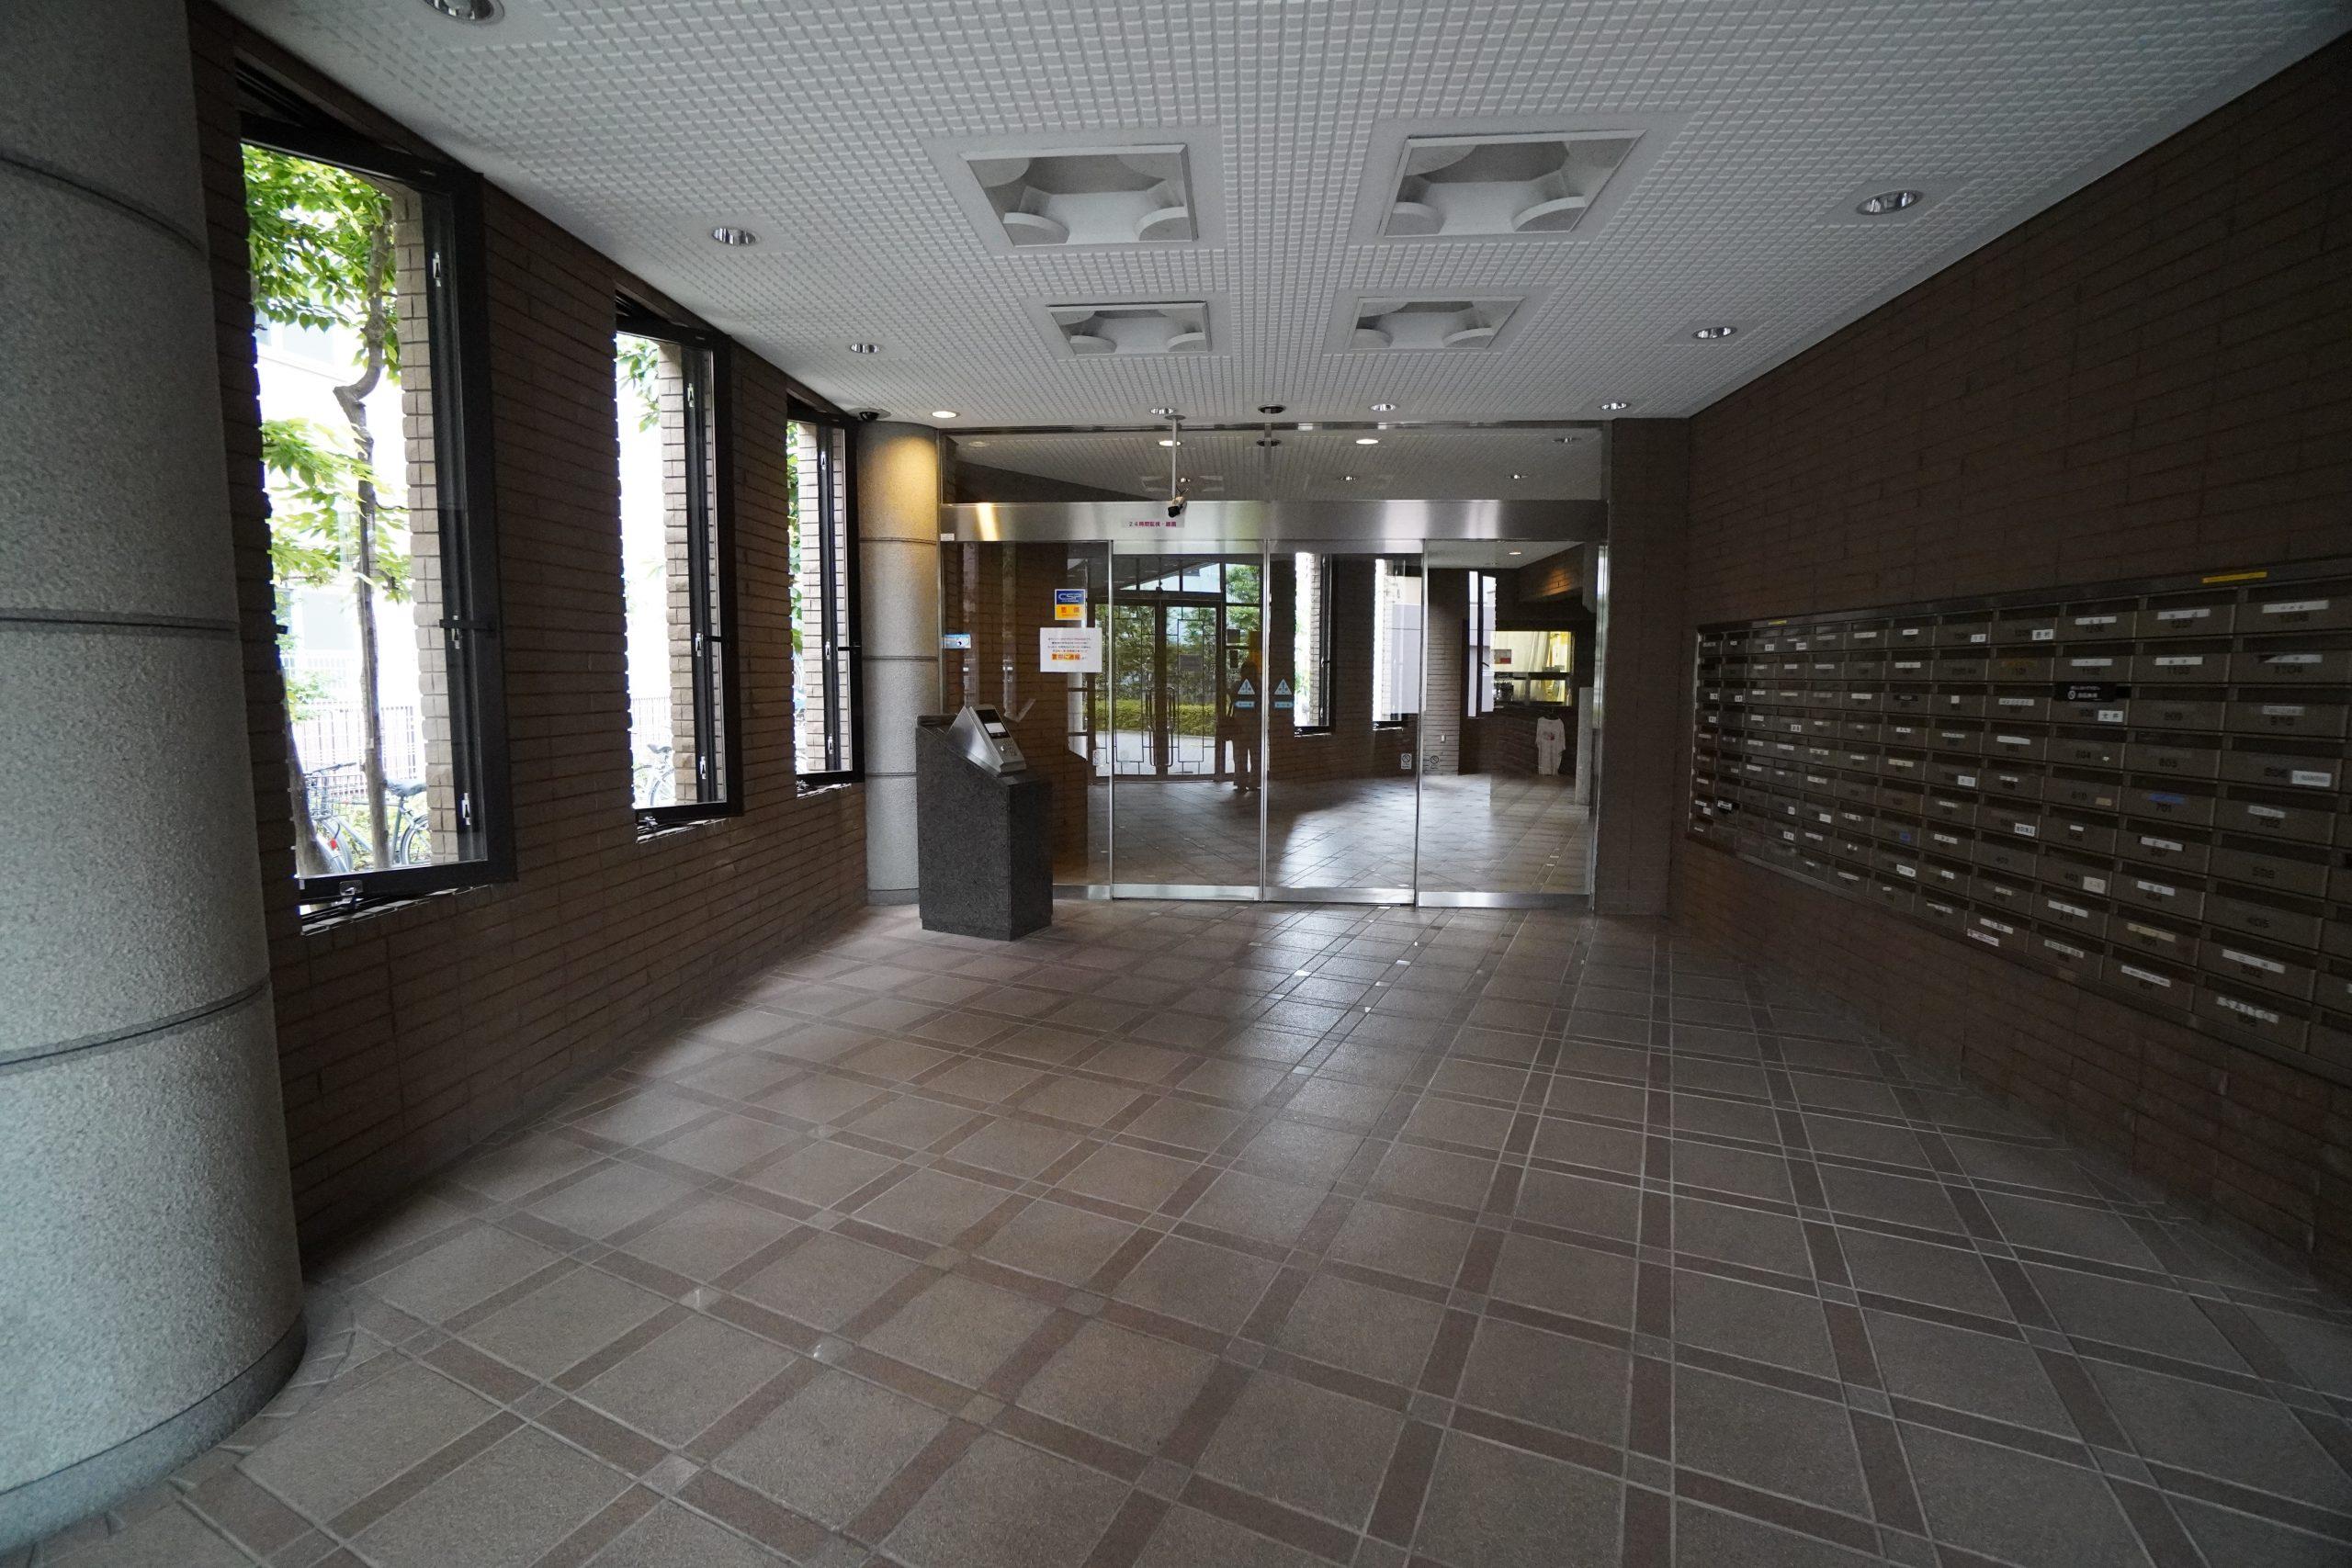 【現在内装工事中・内見可】武蔵浦和駅 9階 65.09㎡の写真2